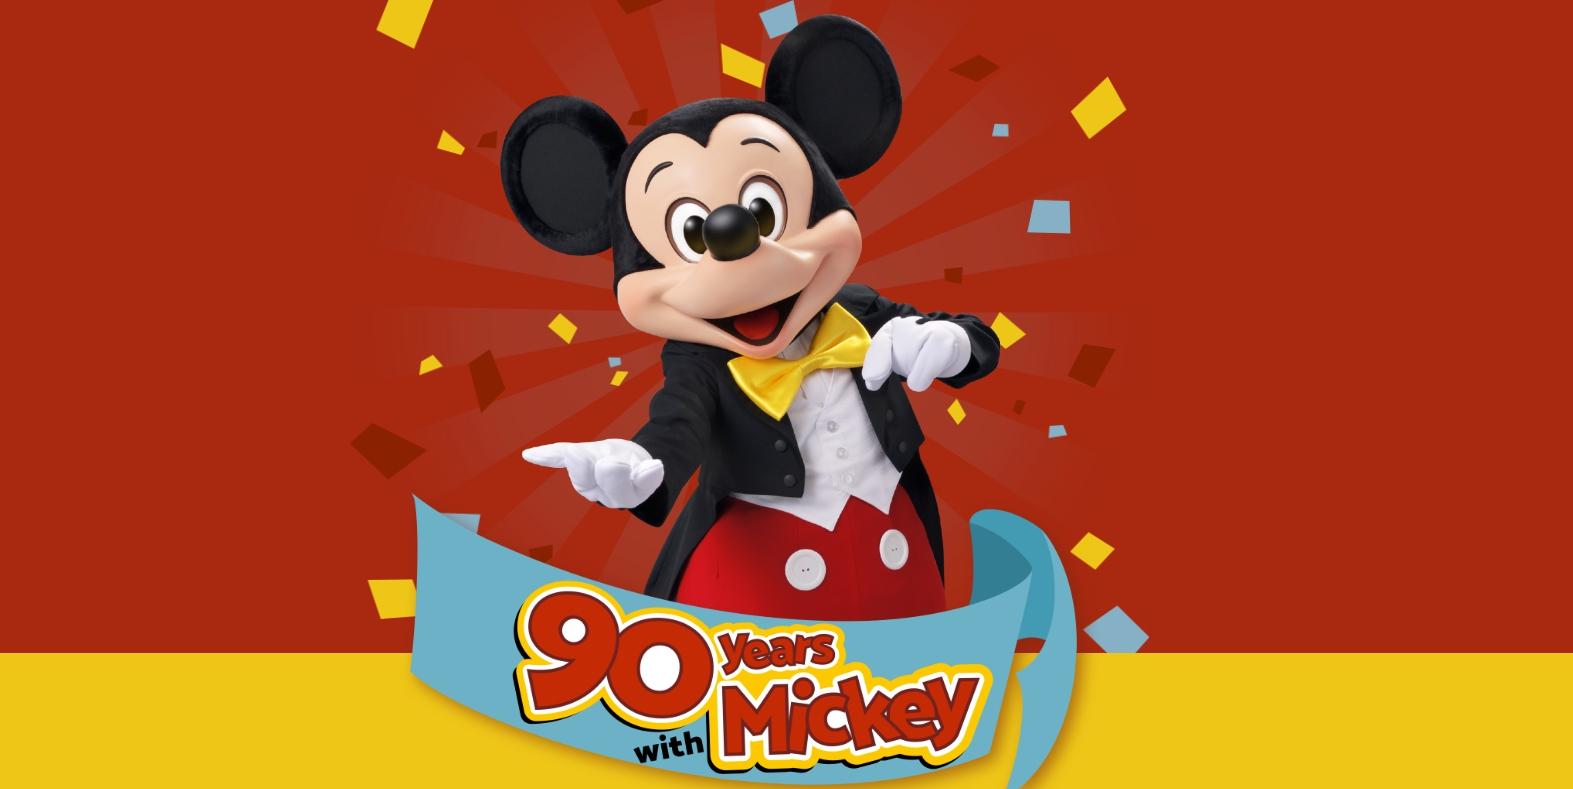 90周年】ミッキーの《誕生日》今年はtdrで盛大にお祝い!21万円のグッズ